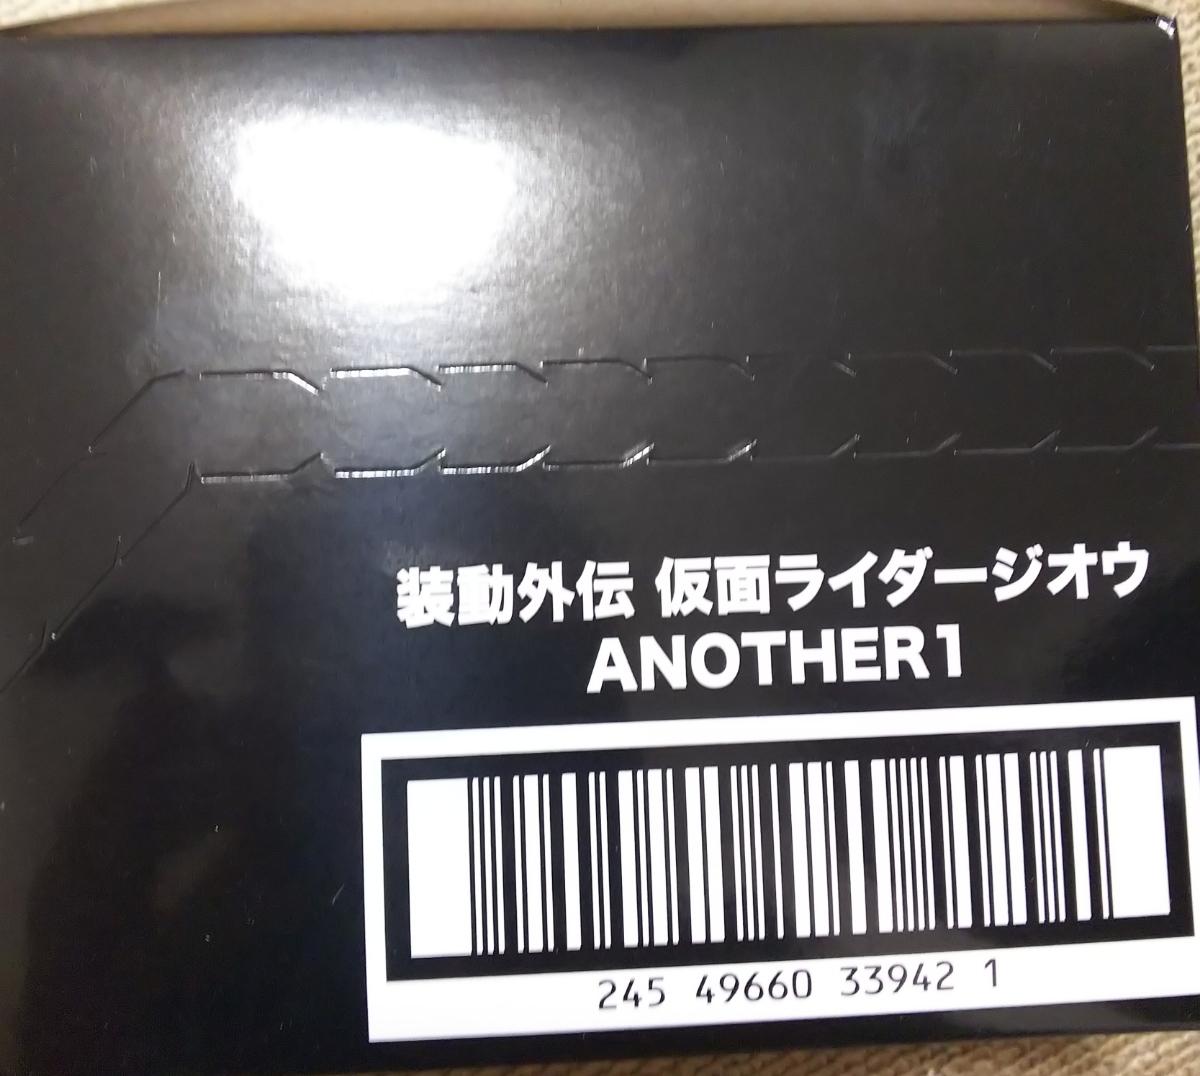 装動外伝 仮面ライダージオウ ANOTHER1 4個入りBOX アナザーライダー shodo